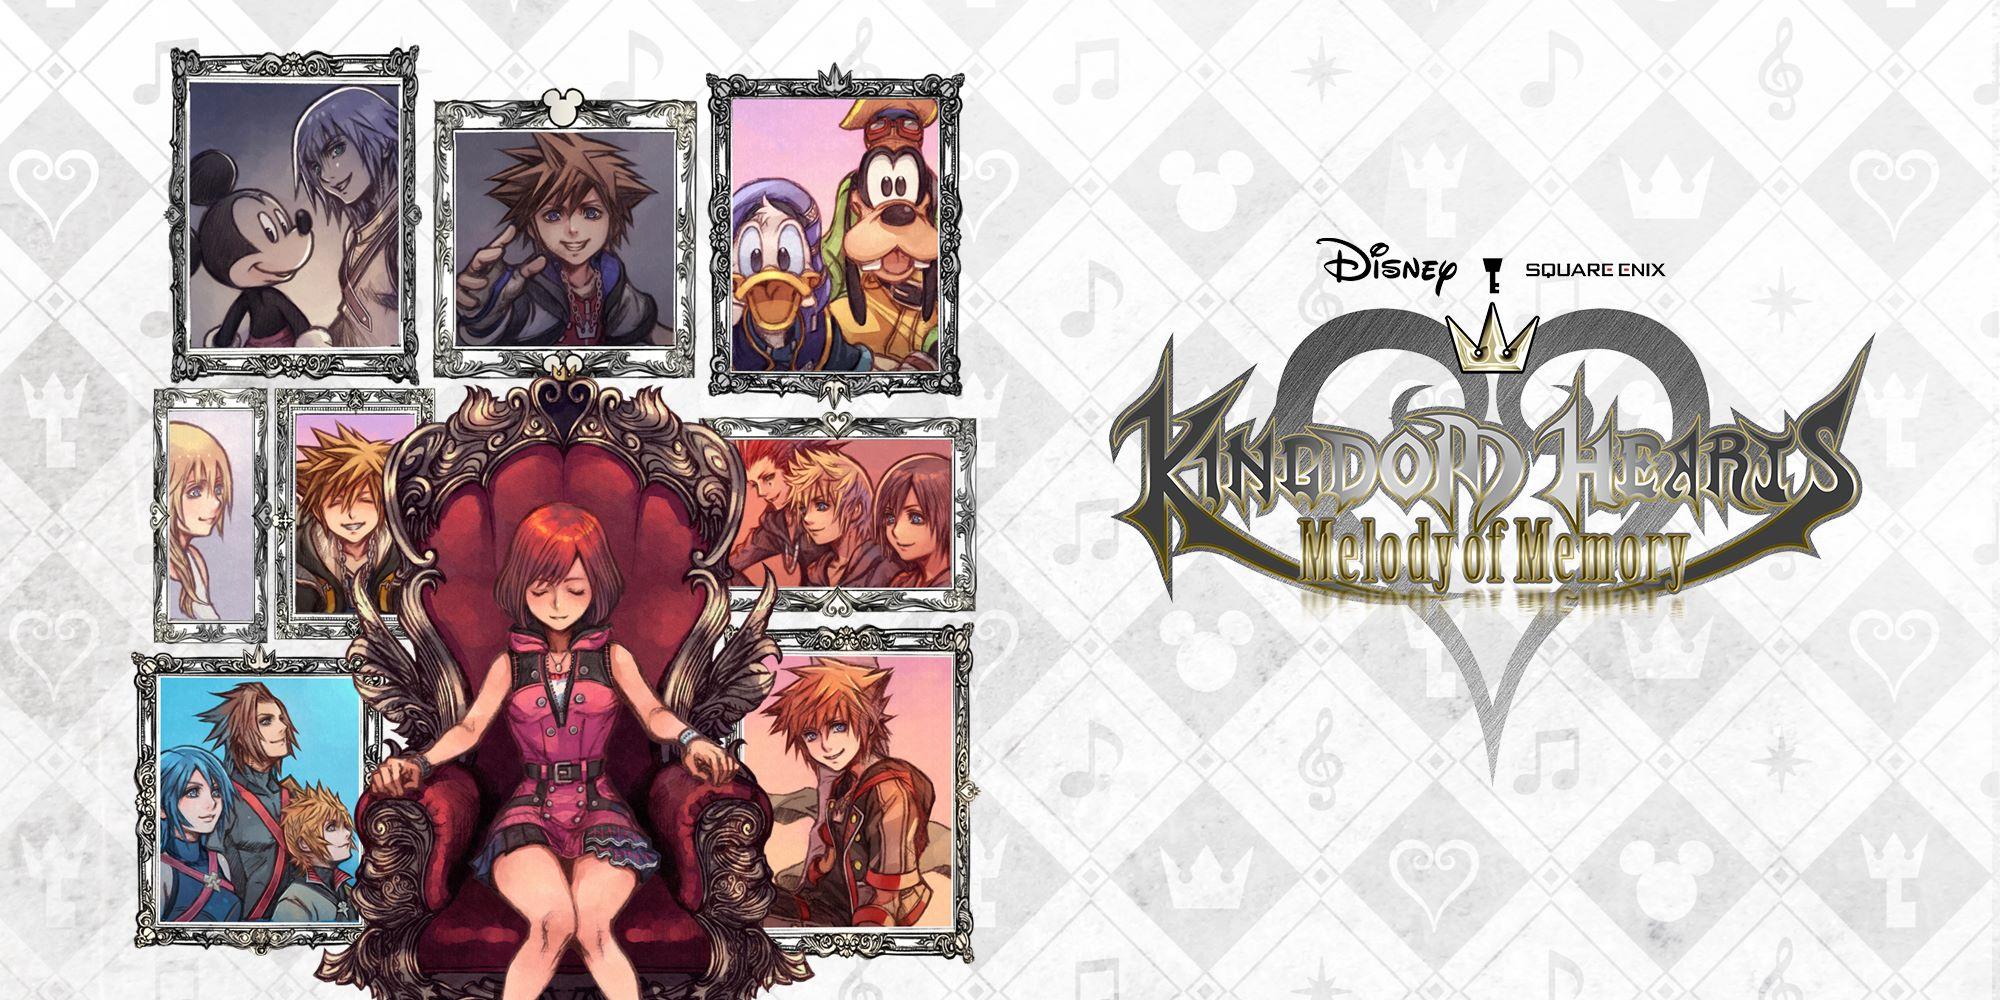 Kingdom Hearts Melody of Memory, la prima recensione arriva da Famitsu ed è positiva